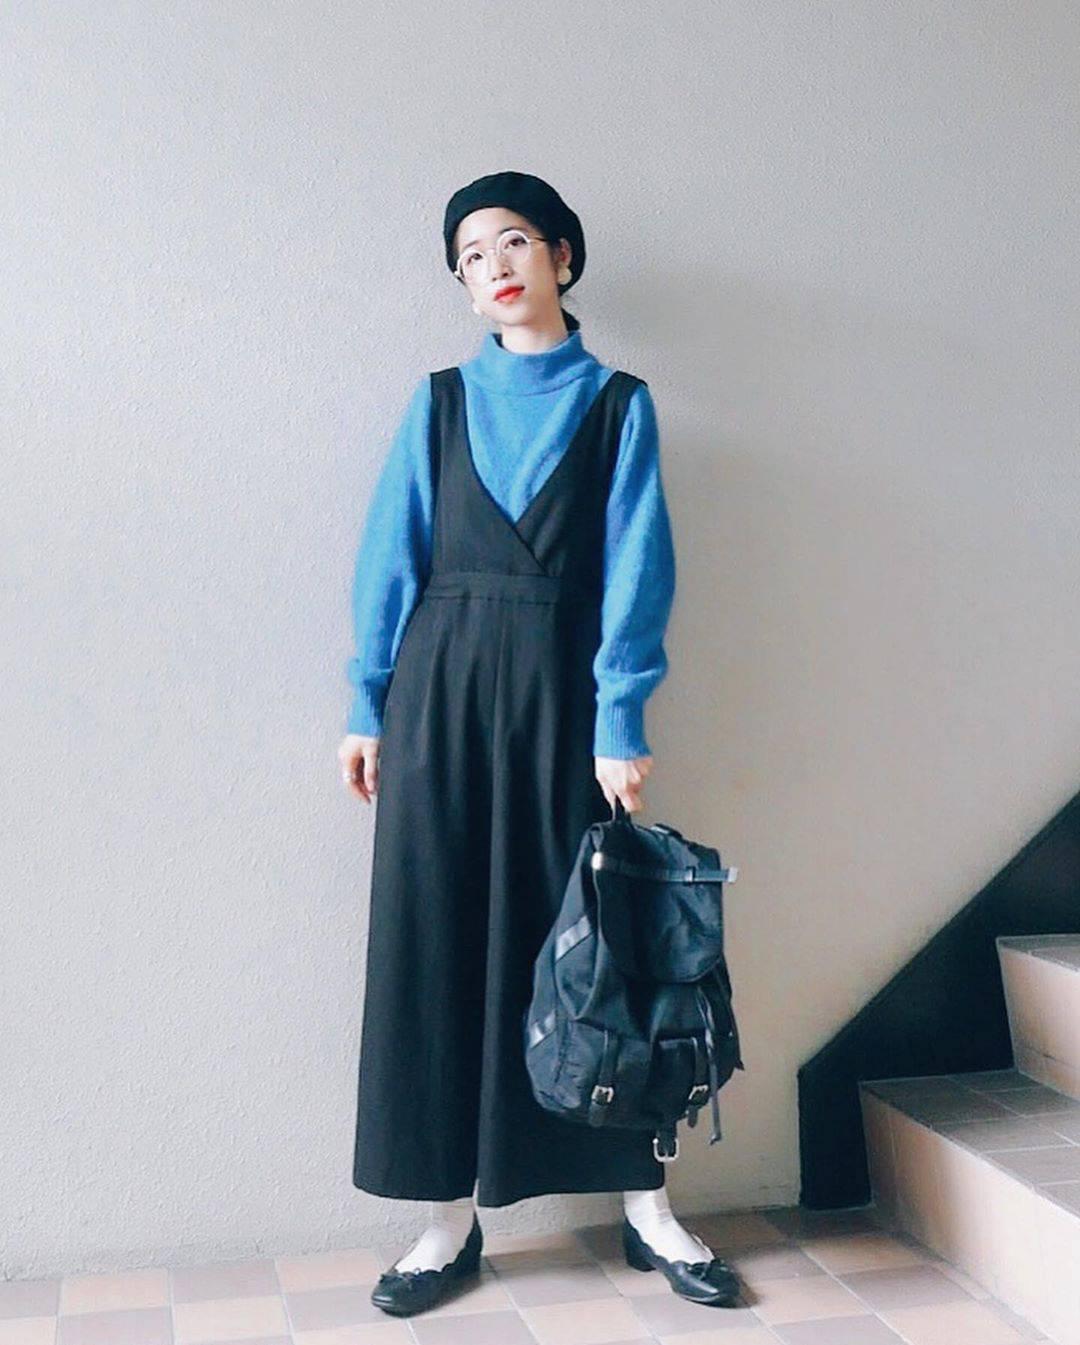 最高気温20度・最低気温11度 natsu_outfitsの服装